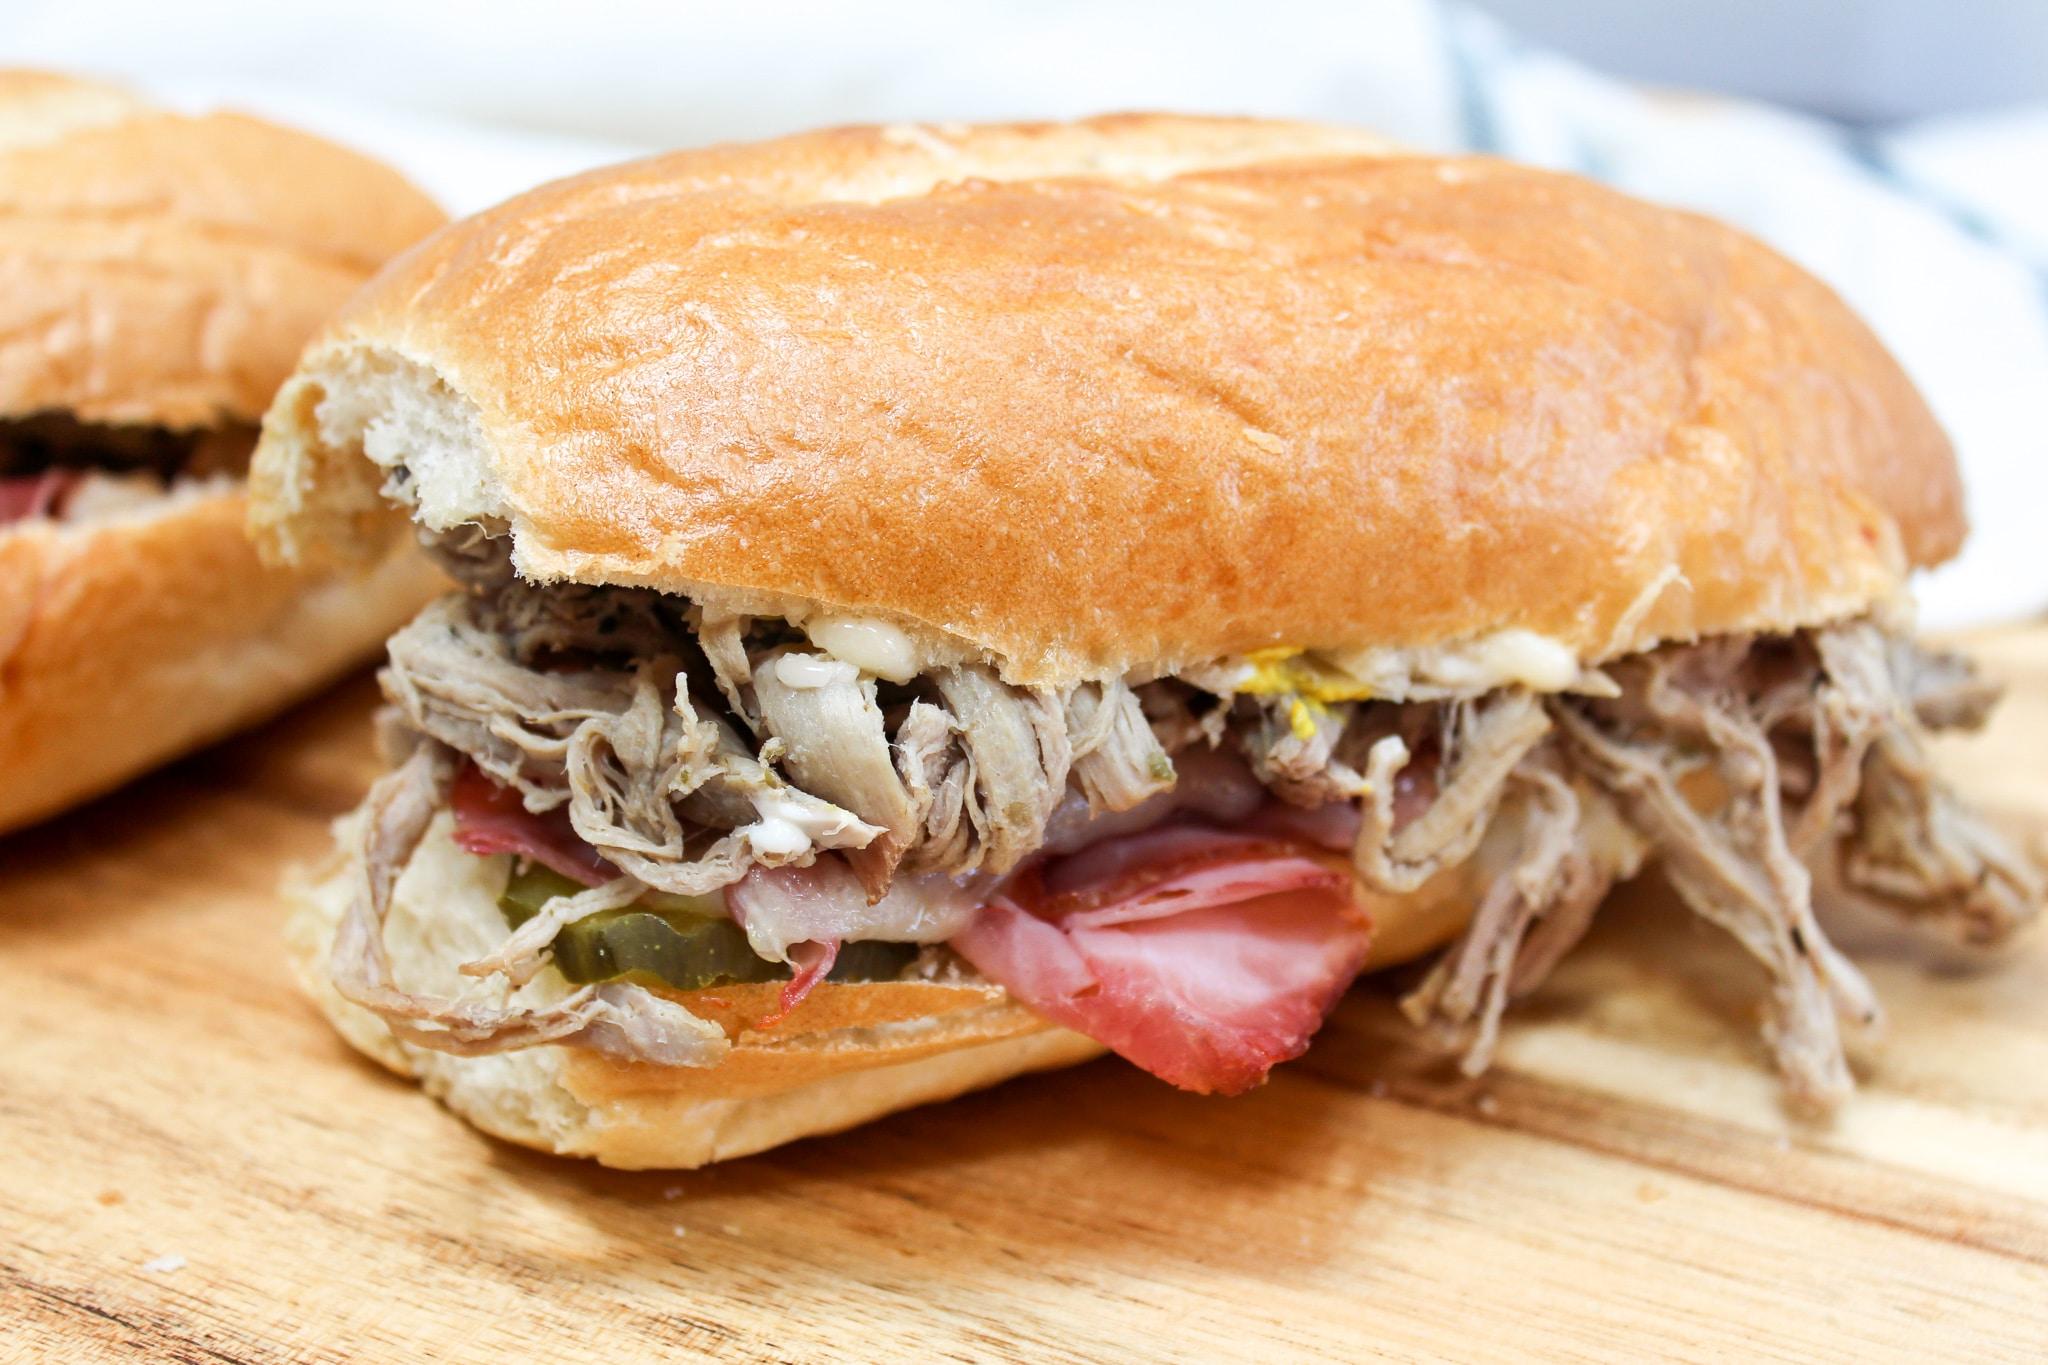 side view of uncut cuban sandwich